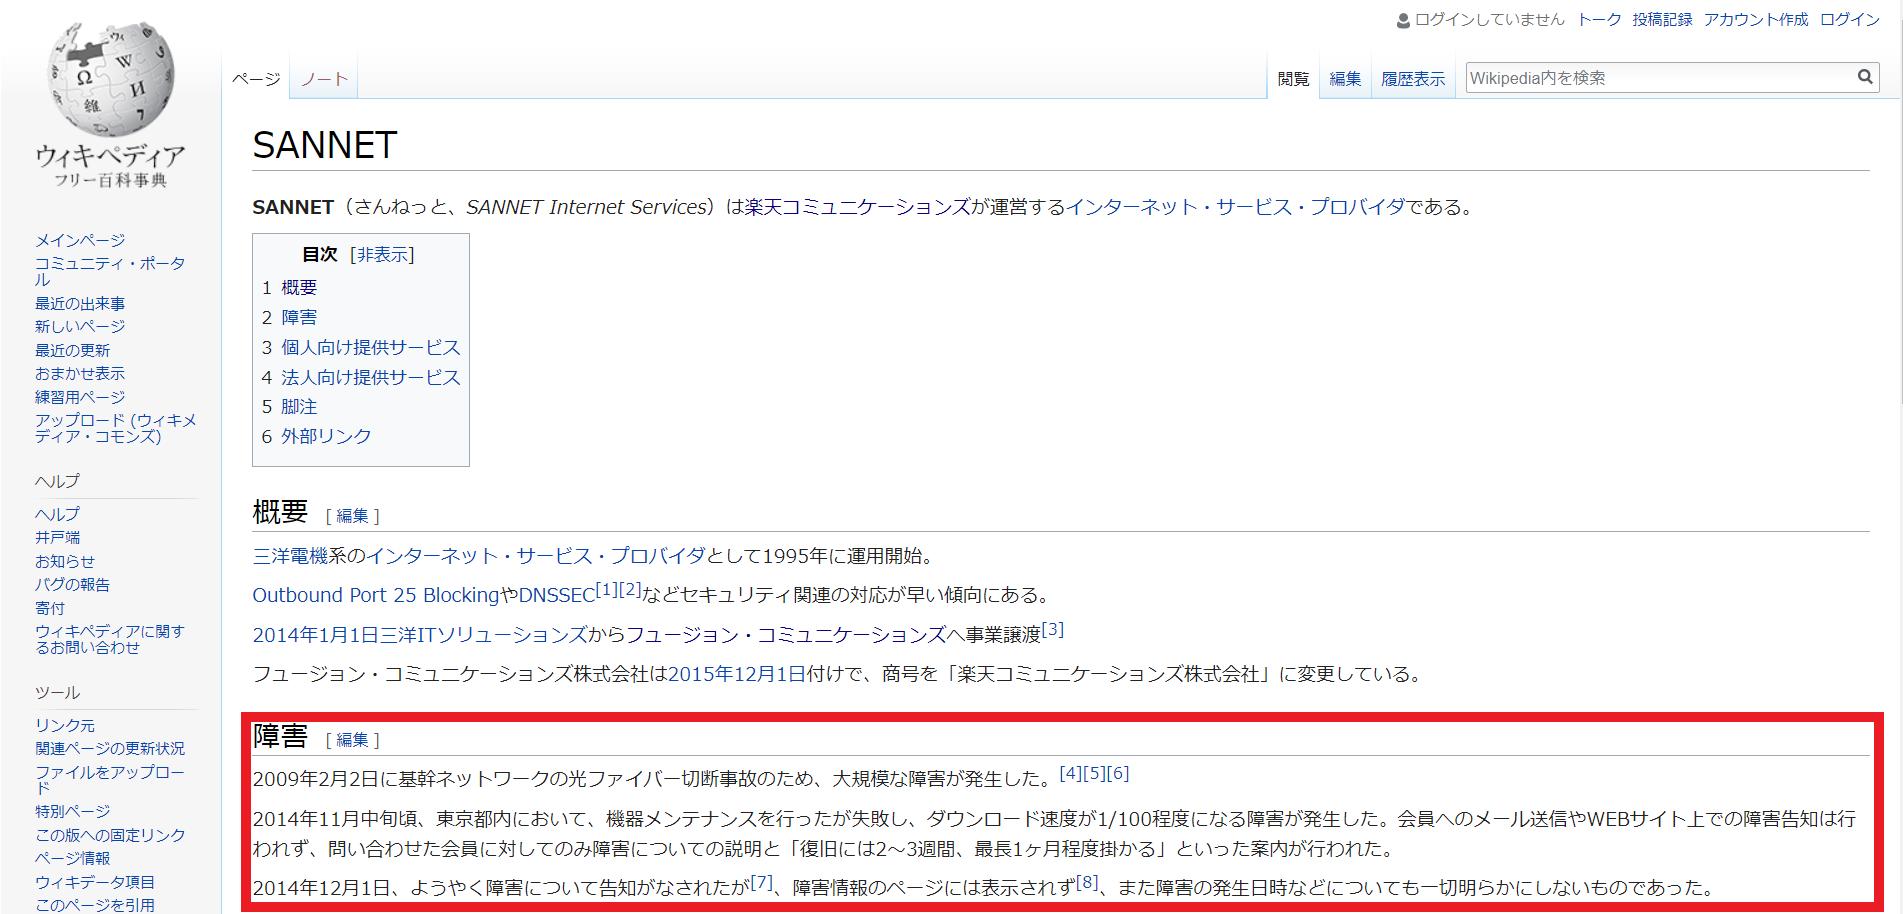 サンネット ウィキペディア